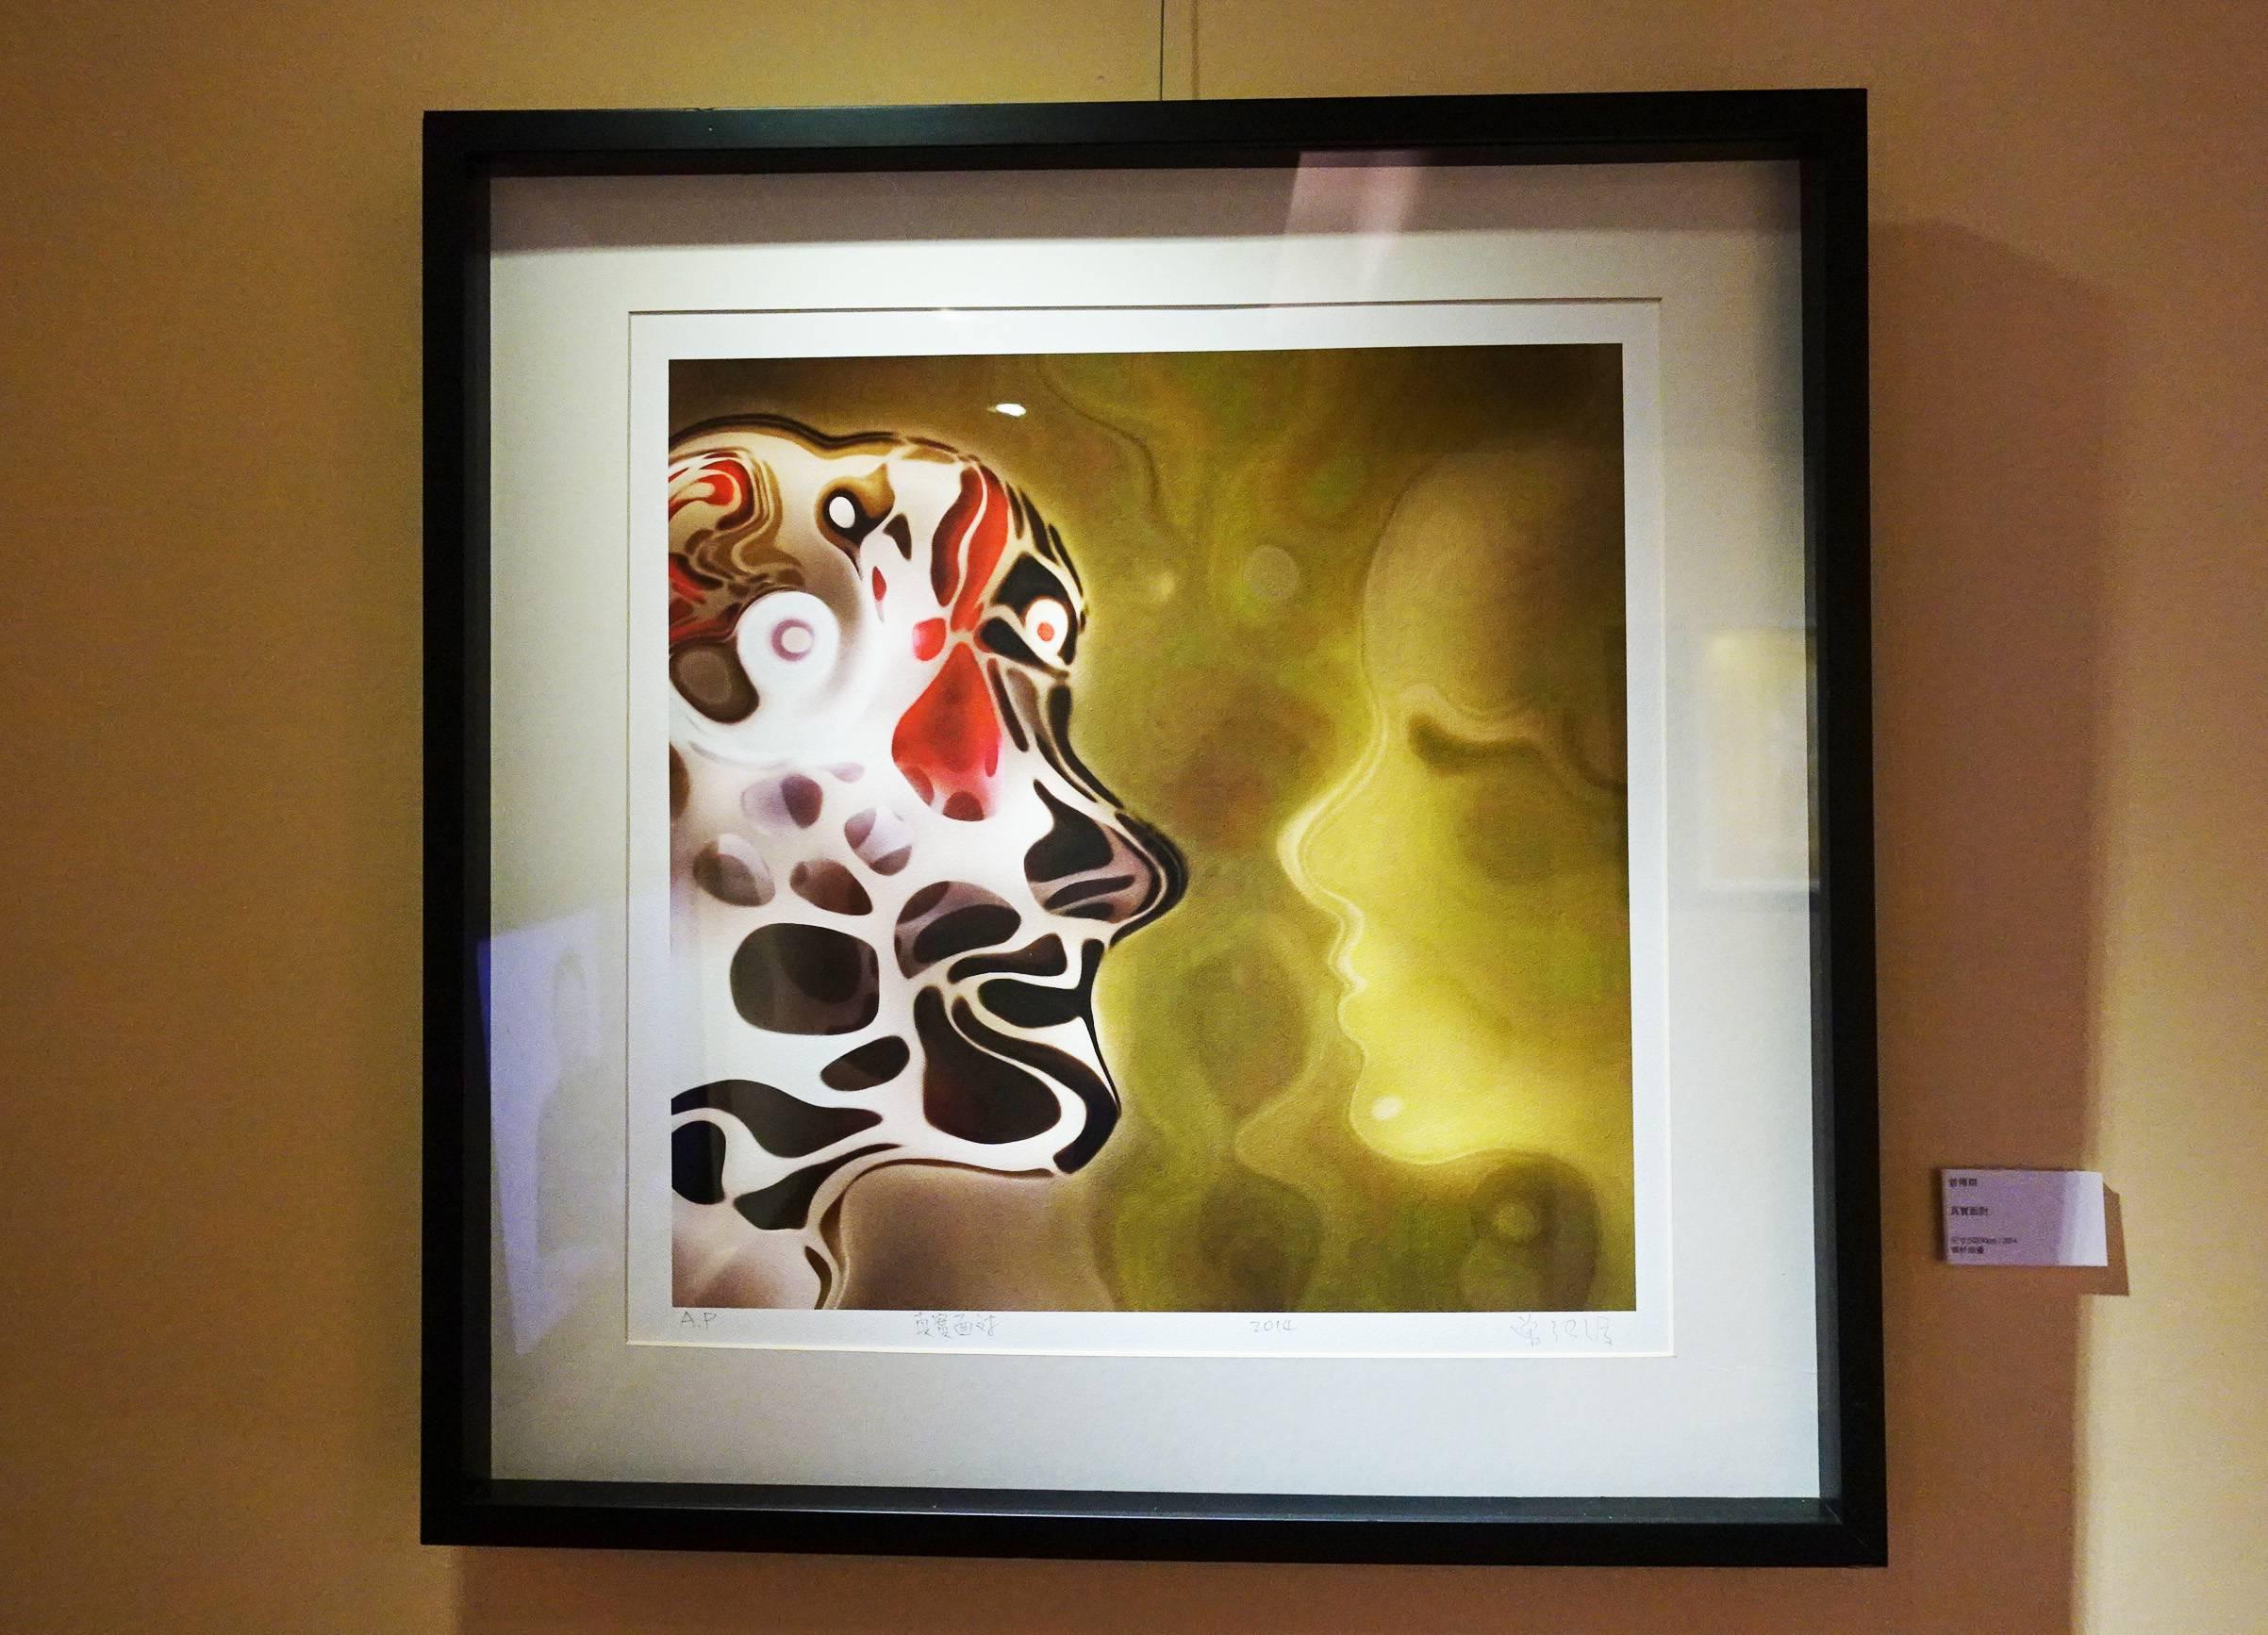 曾傳傑,《真實面對》,90 x 90 cm,版畫,2014。